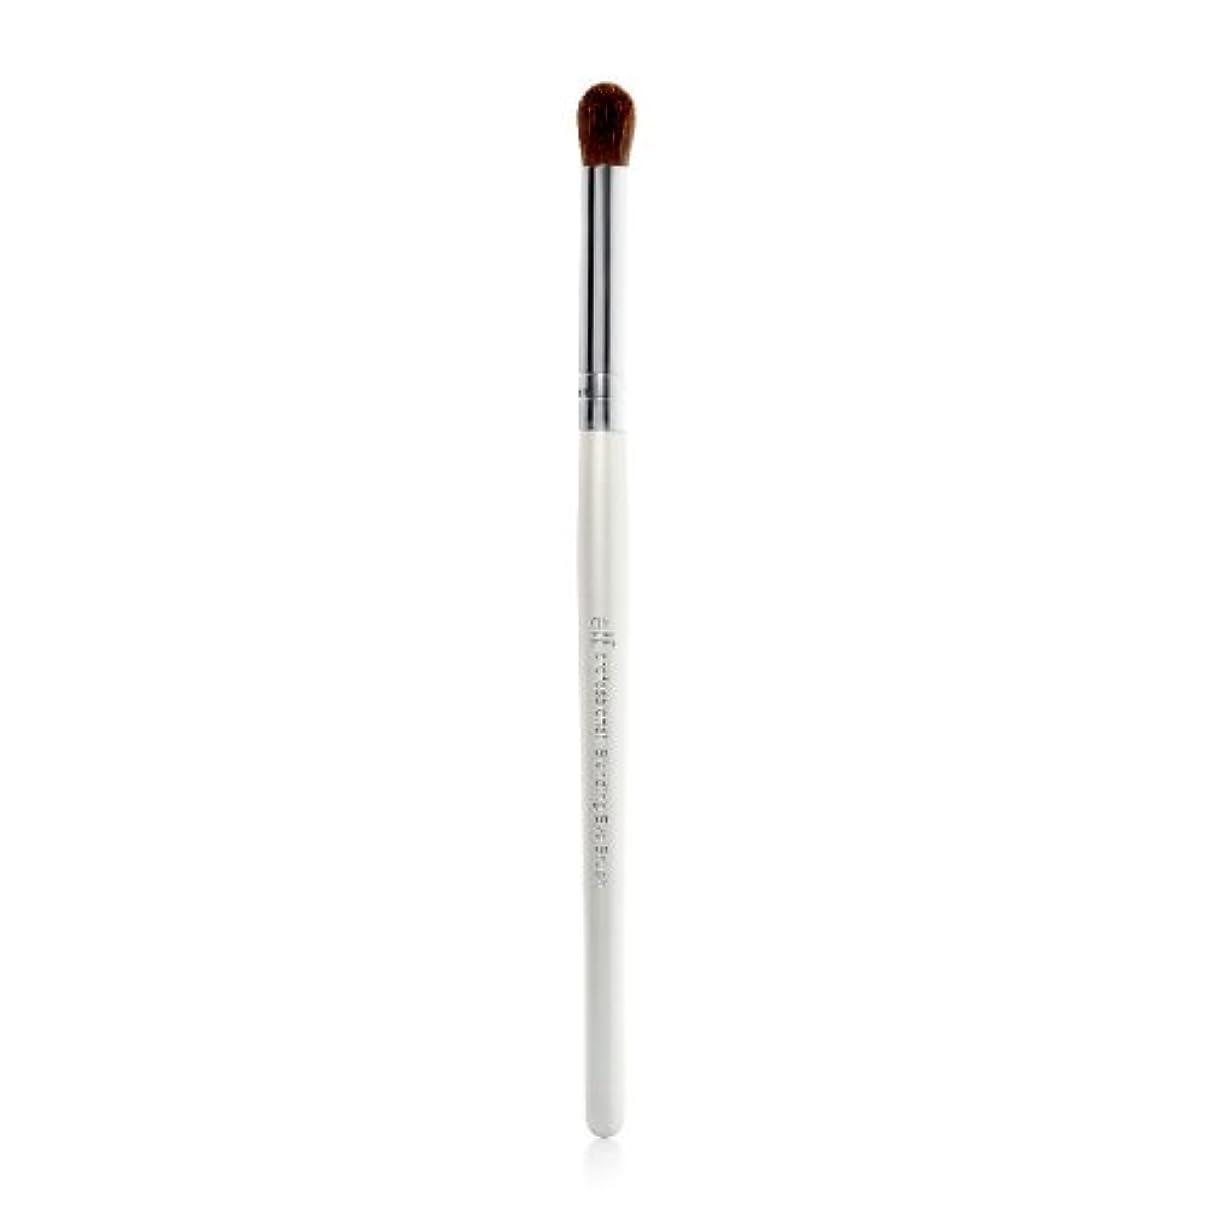 アジアコモランマ推定する(3 Pack) e.l.f. Essential Blending Eye Brush - EF1803 (並行輸入品)